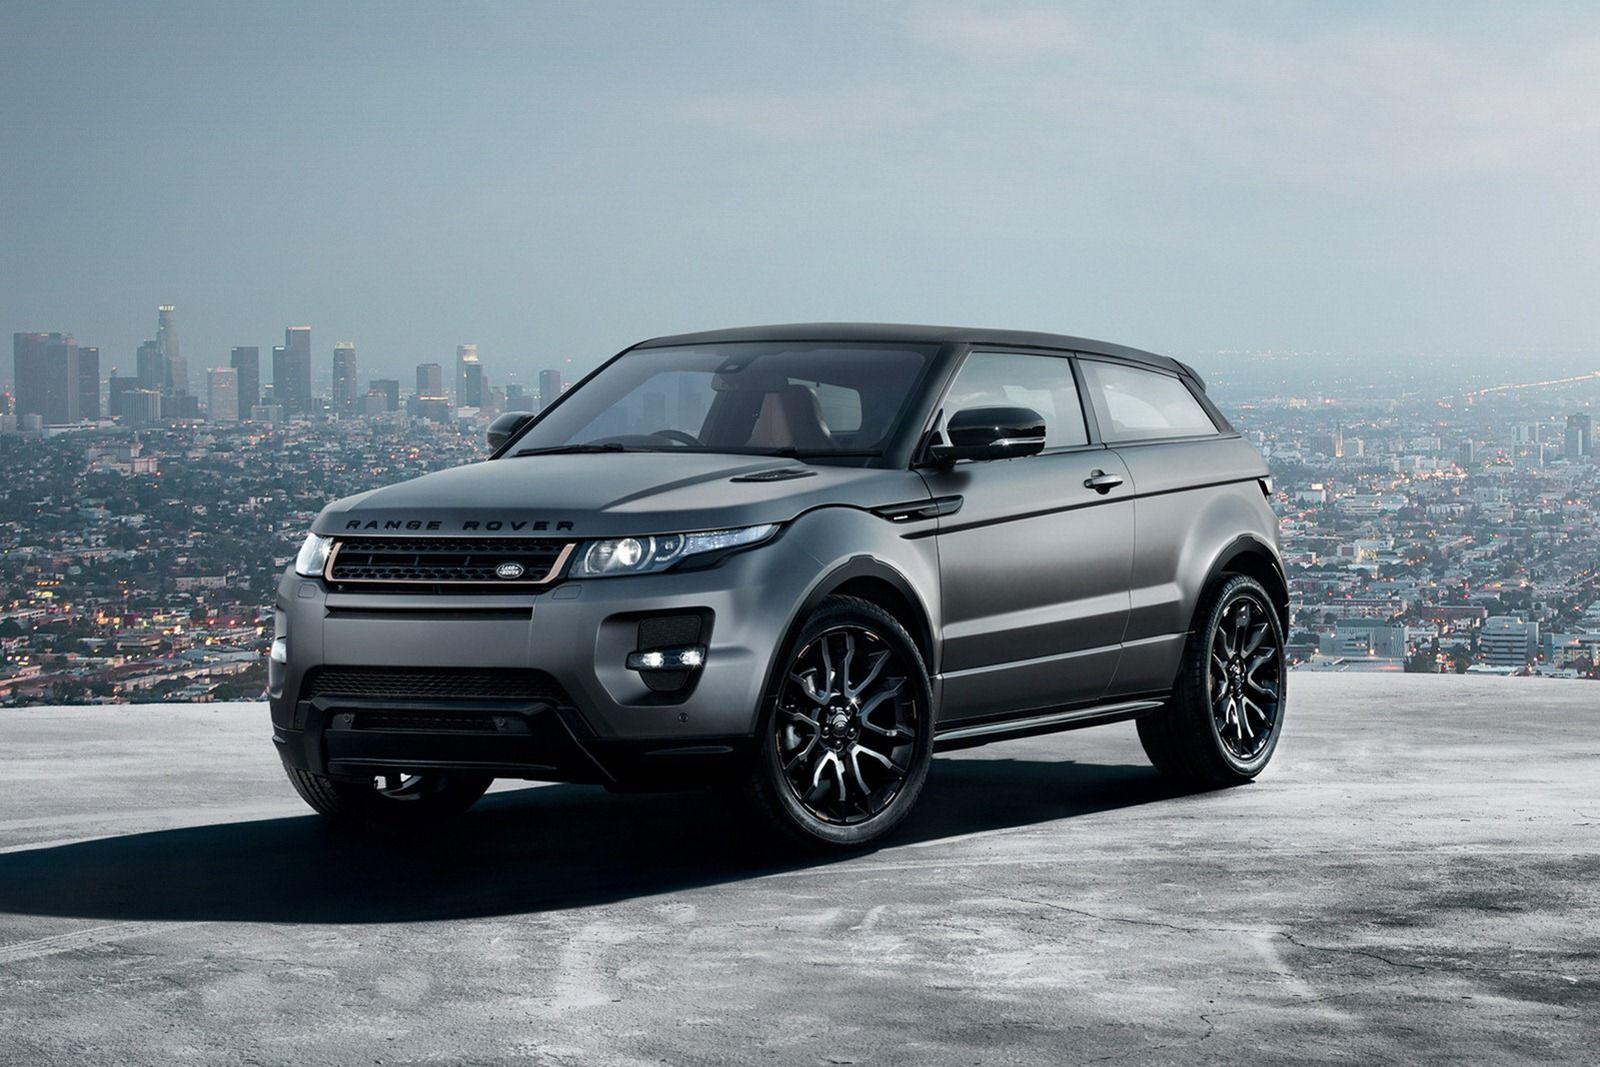 Range Rover Evoque Special Edition Range rover evoque